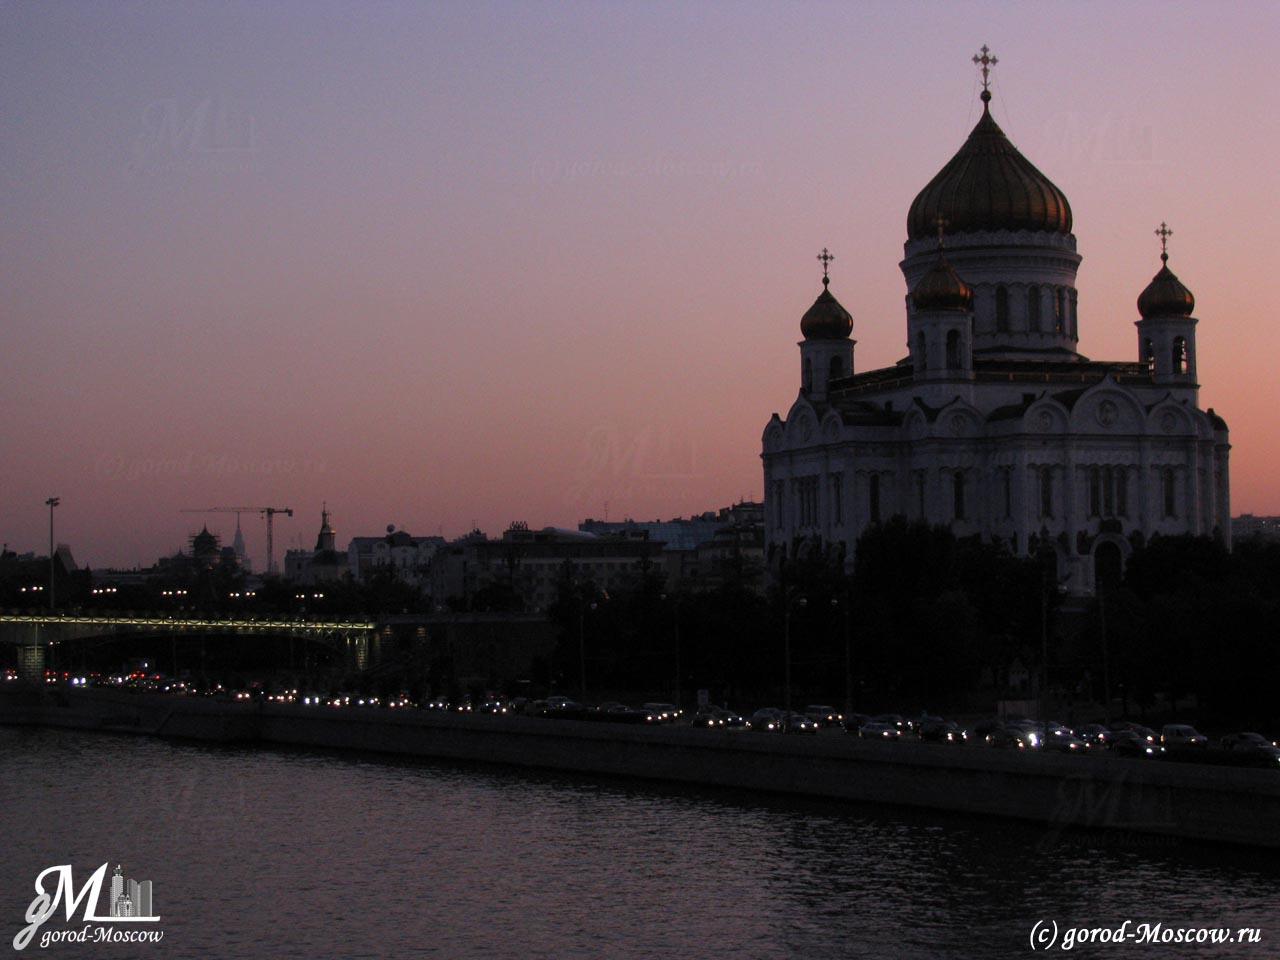 Prechistenskaya naberejnaya 039 s jpg